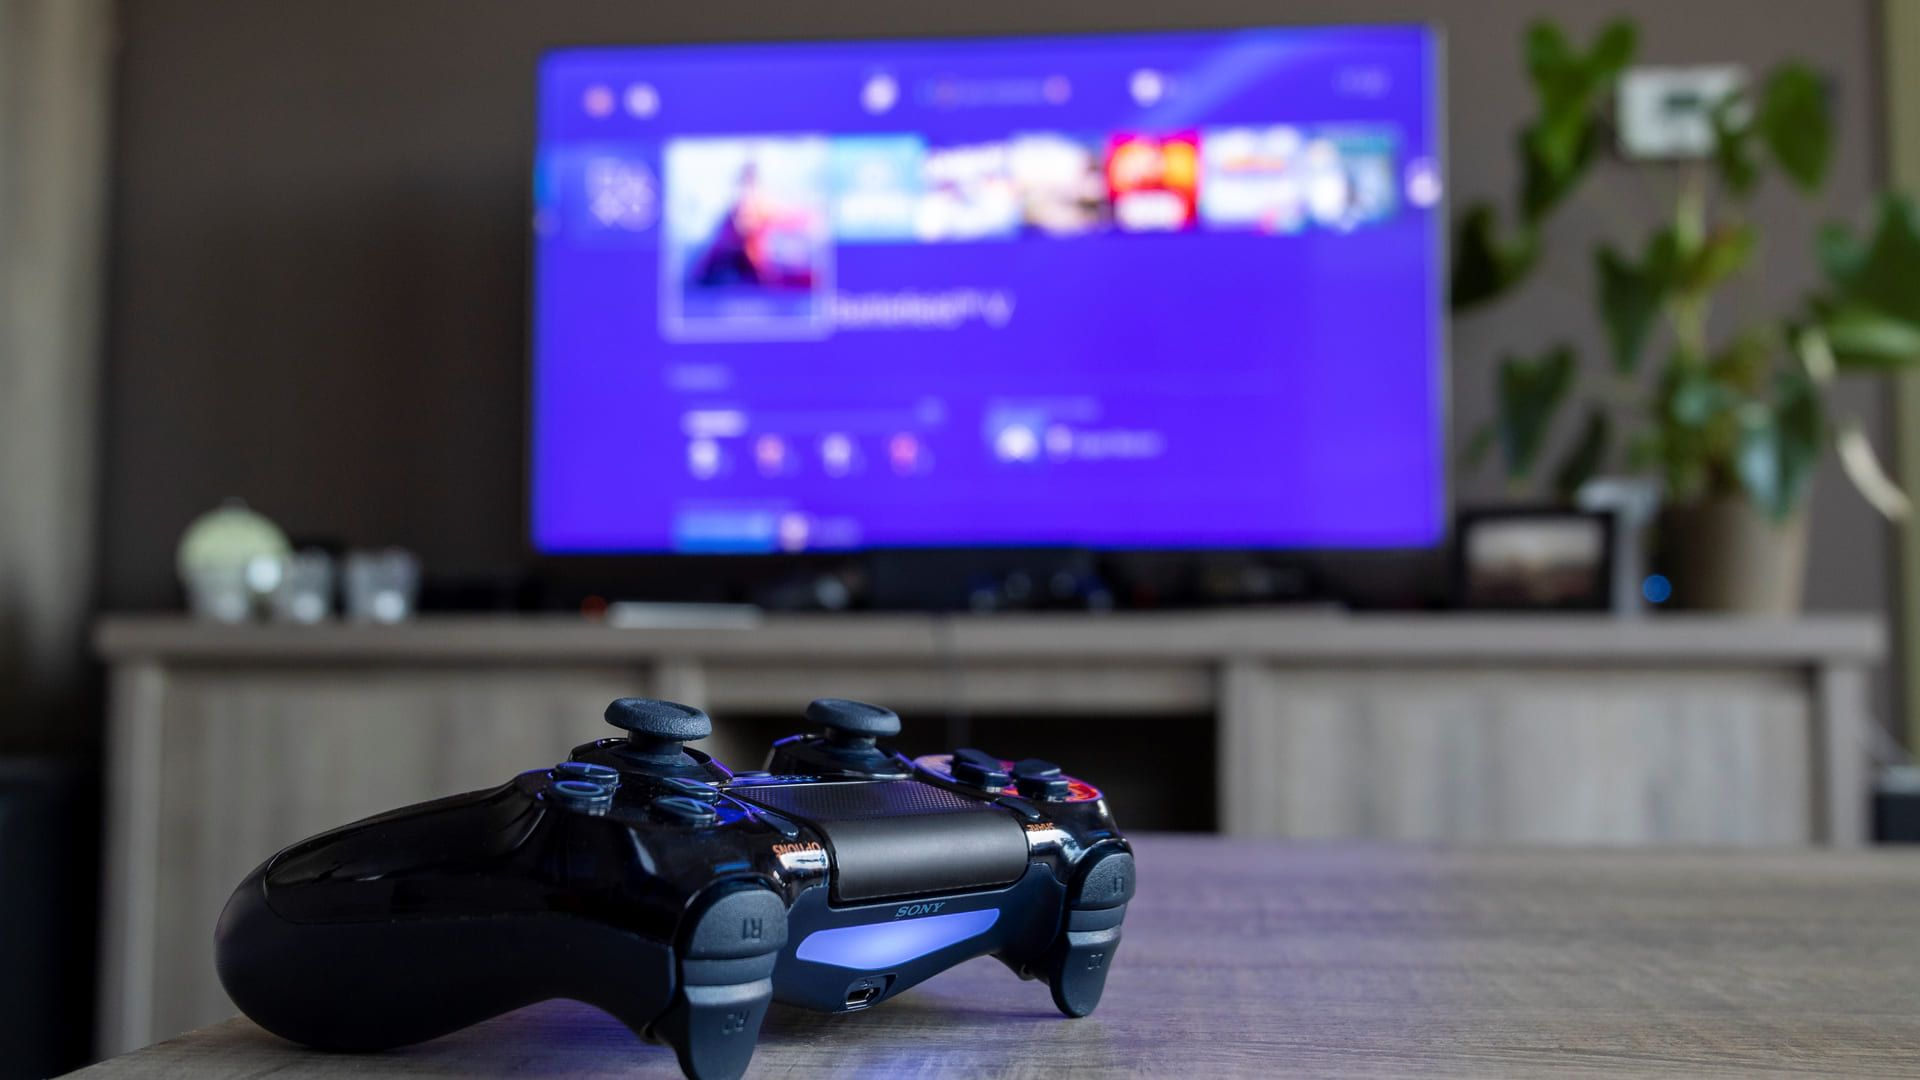 Controle de PS4 preto sobre mesa, com TV mostrando tela inicial do PS4 em TV mostrada em fundo desfocado